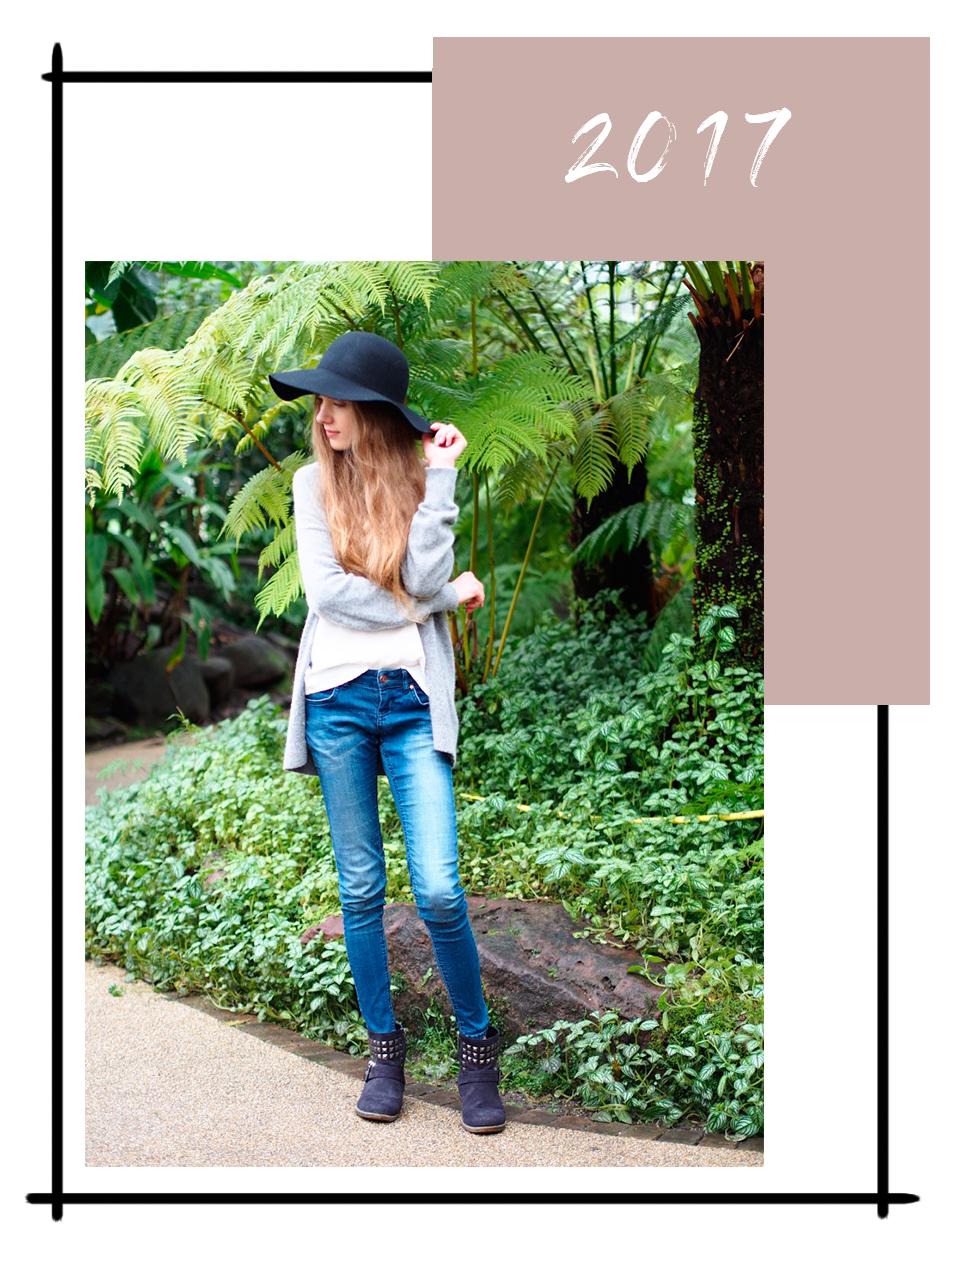 Classic and timeless denim outfit, fashion blogger outfit archives - Klassinen ja ajaton asu farkkujen kanssa, muotibloggaaja, asukuvien arkistot